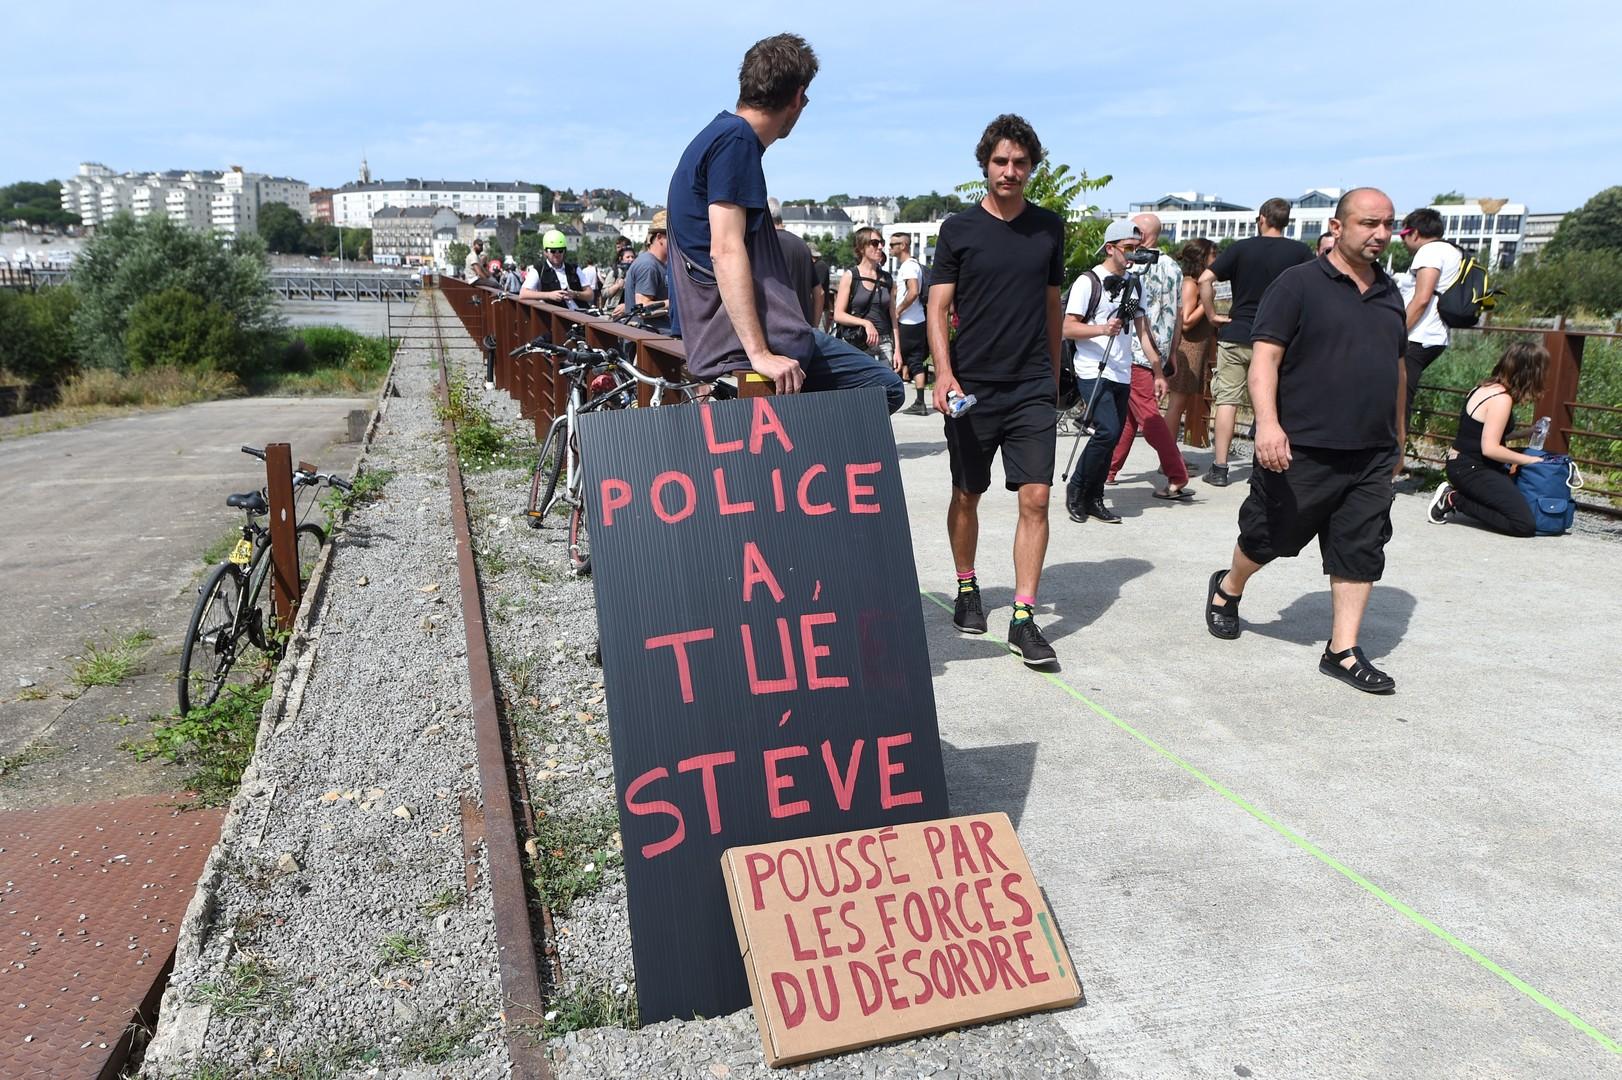 Schlagen, treten, würgen – Empörung über Polizeigewalt in Frankreich nimmt zu